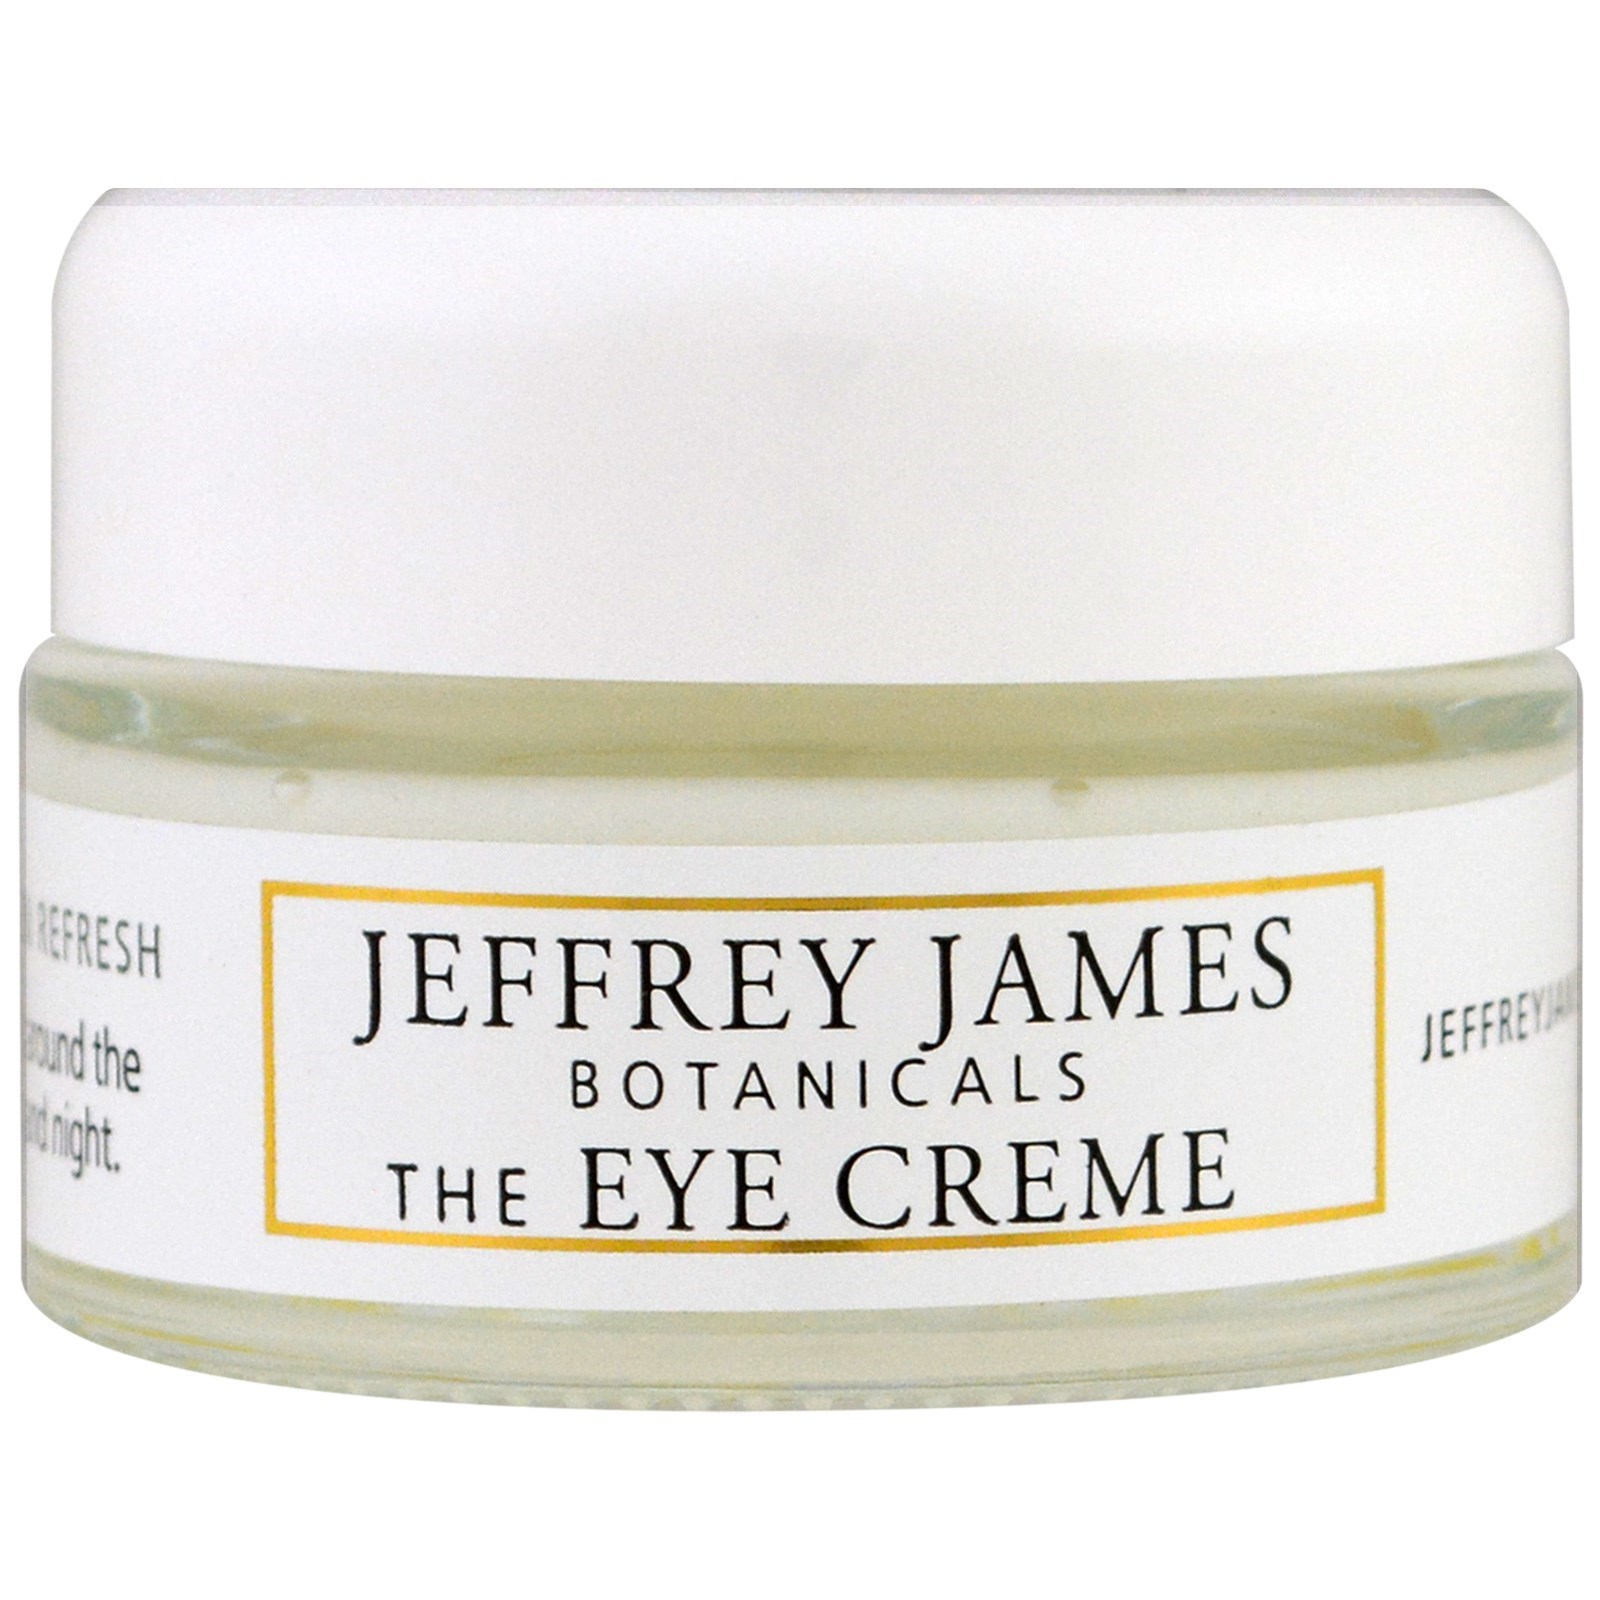 Jeffrey James Botanicals, Крем для кожи вокруг глаз, Яркость, легкость, свежесть, 0,5 унции (15 мл)